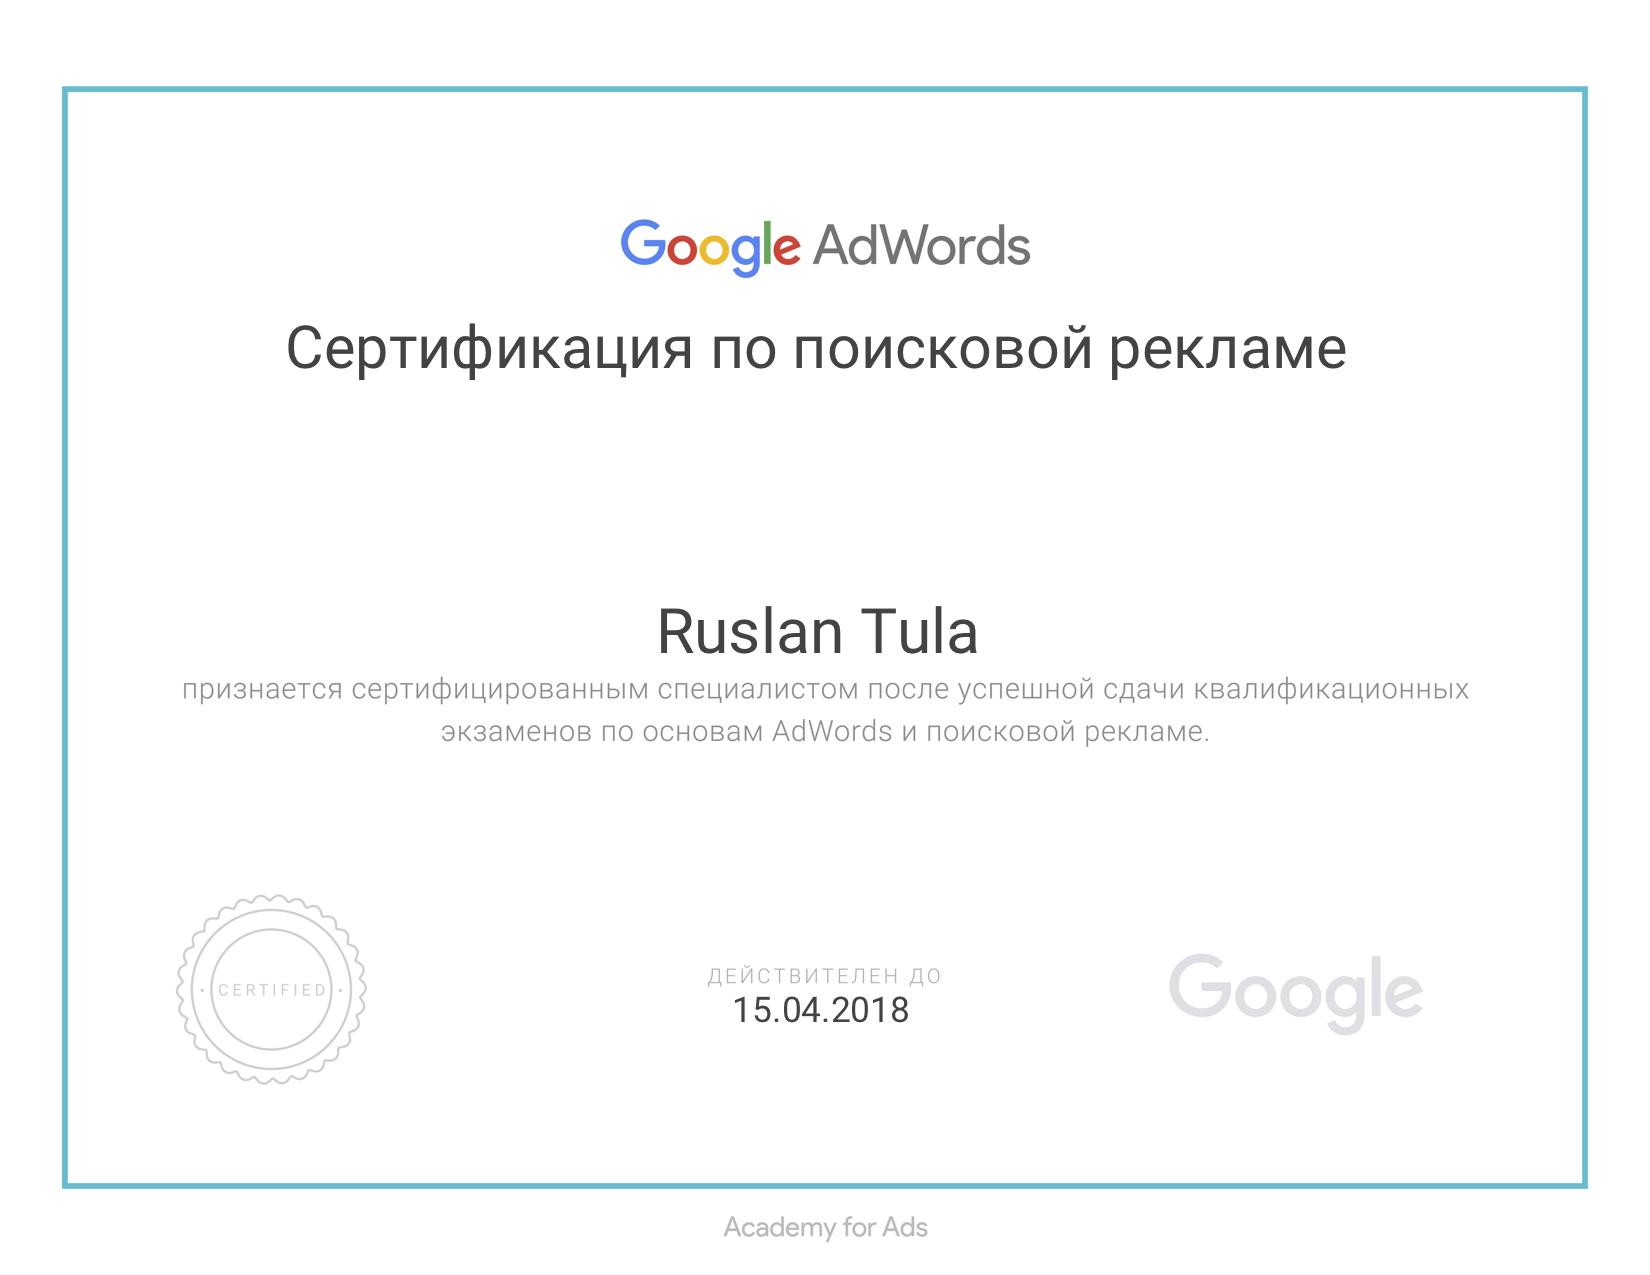 Сертификация Google Adwords по Поисковой Рекламе